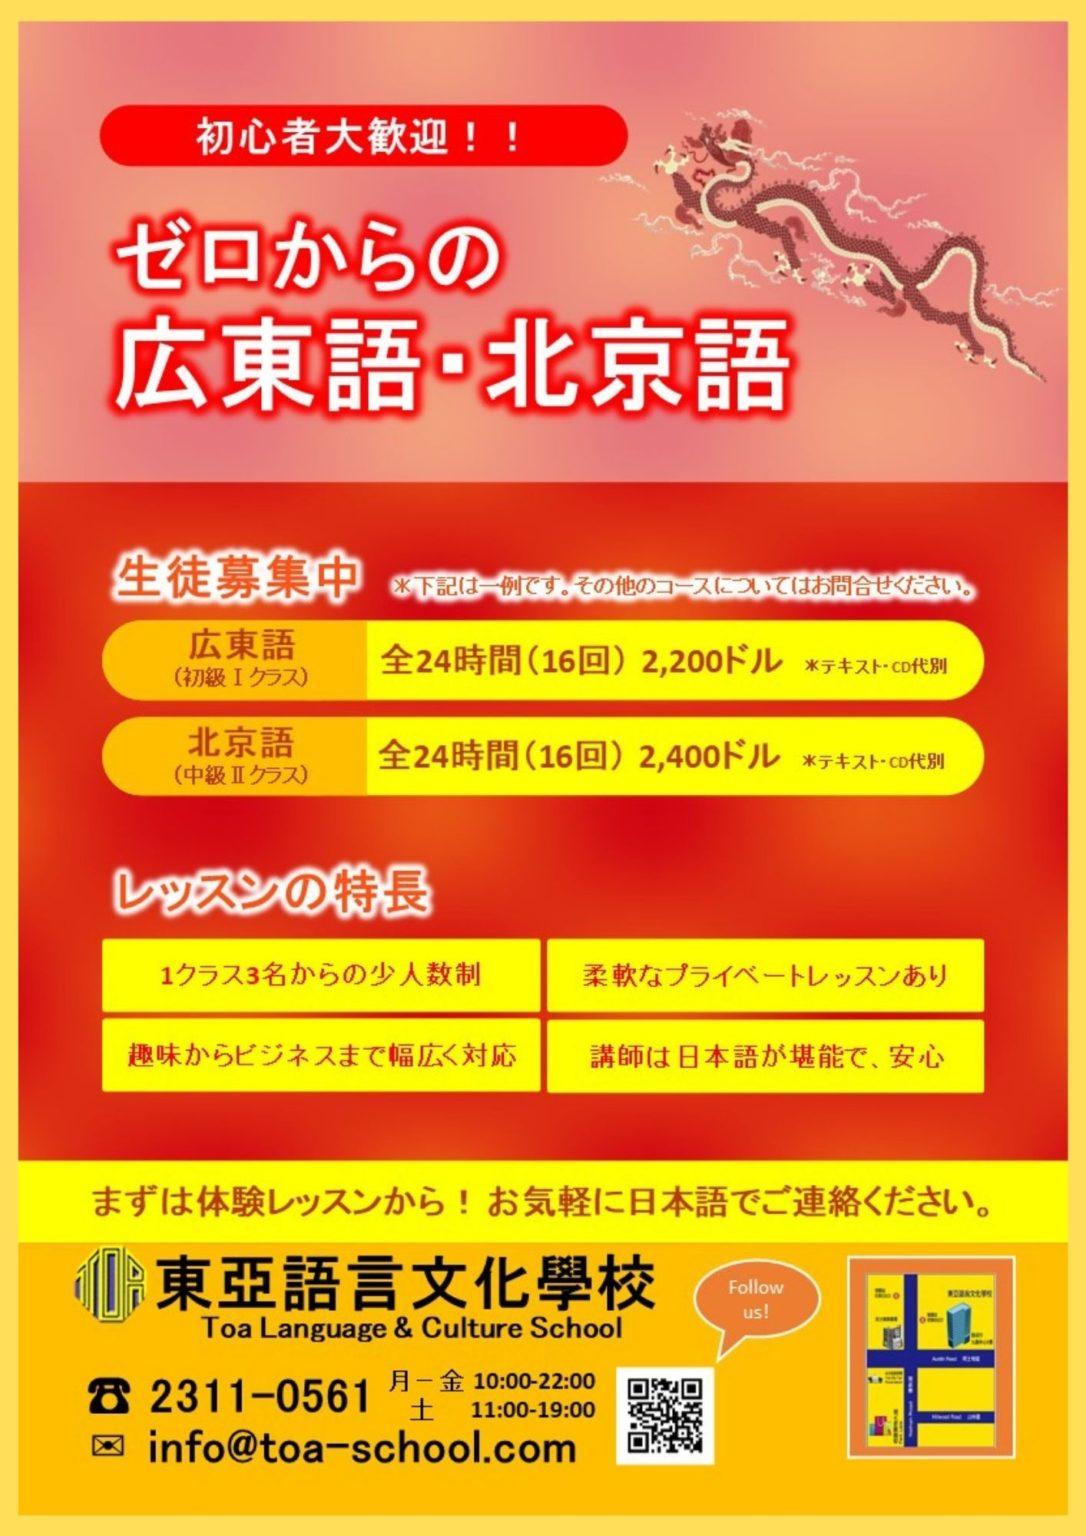 日本語 日文 日語 広東語 北京語 中国語 語学学校 よくある質問 japanese language chinese cantanese mandarine school faq